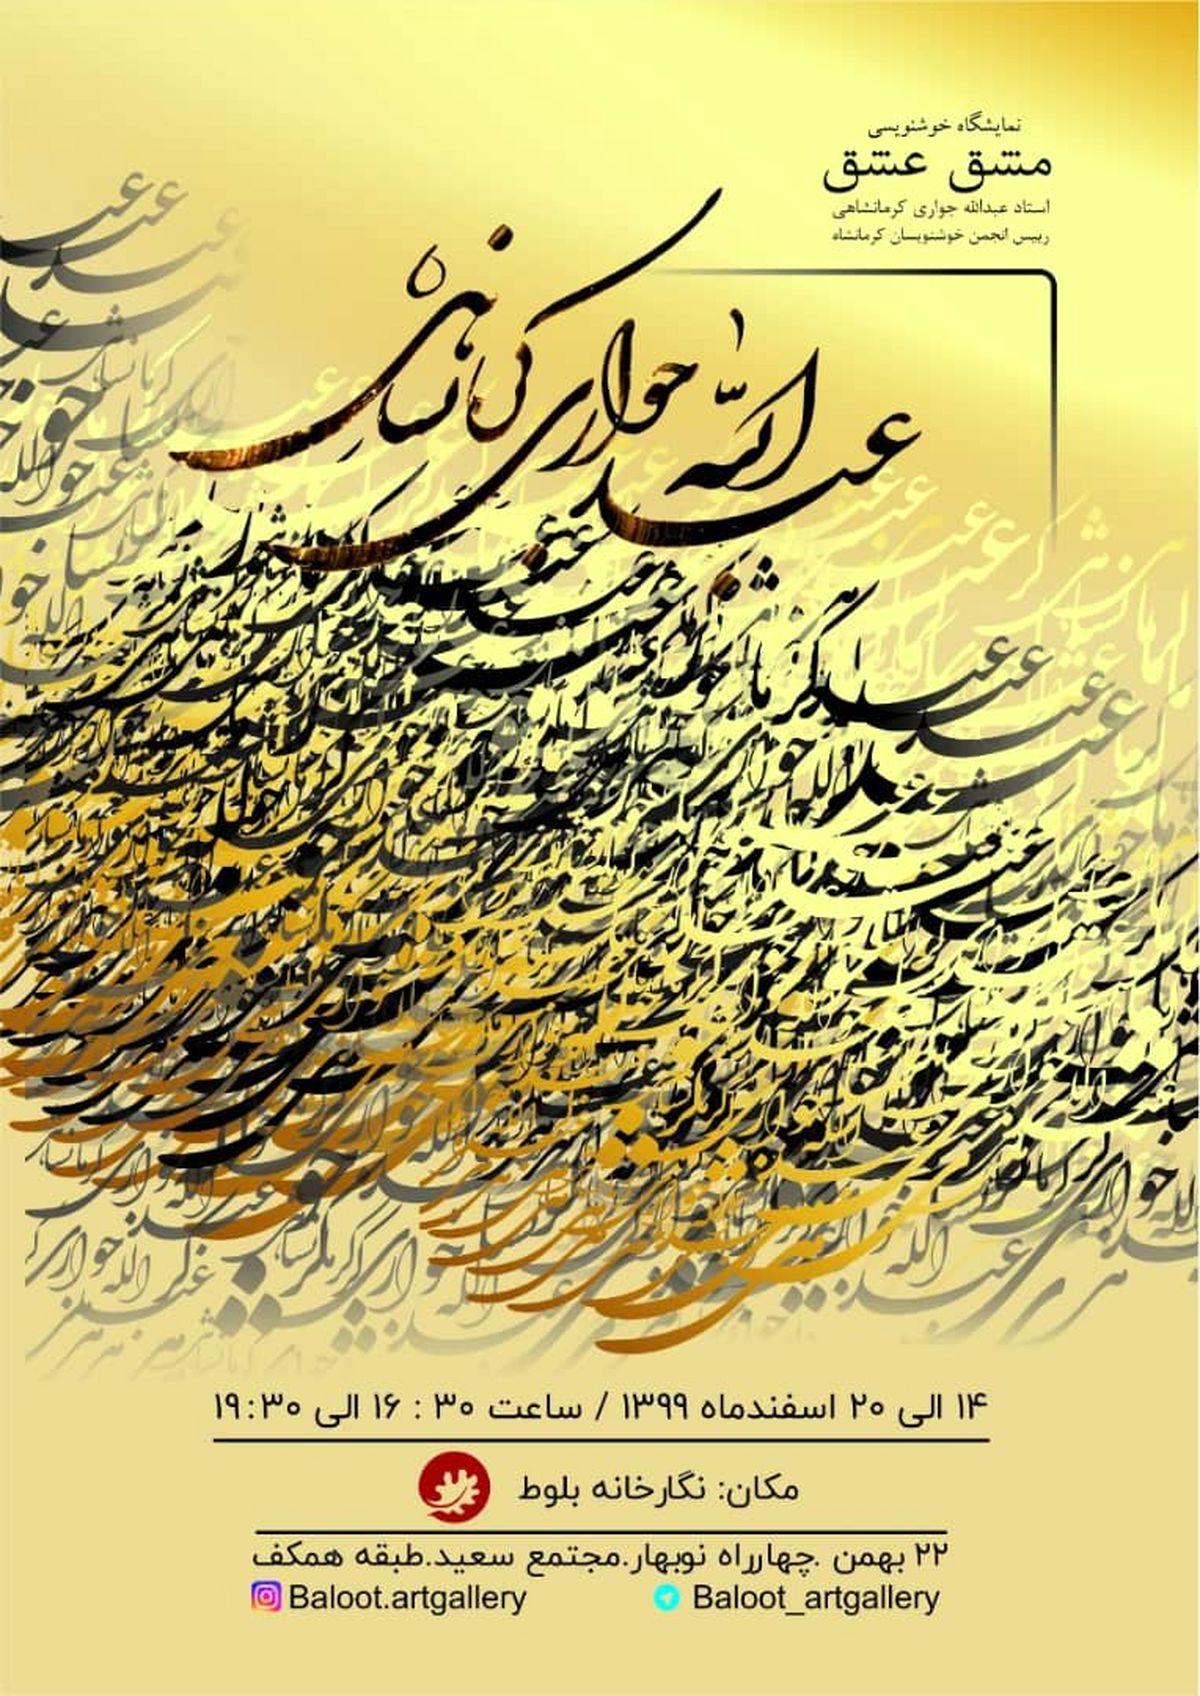 افتتاح نمایشگاه خوشنویسی استاد عبداله جواری